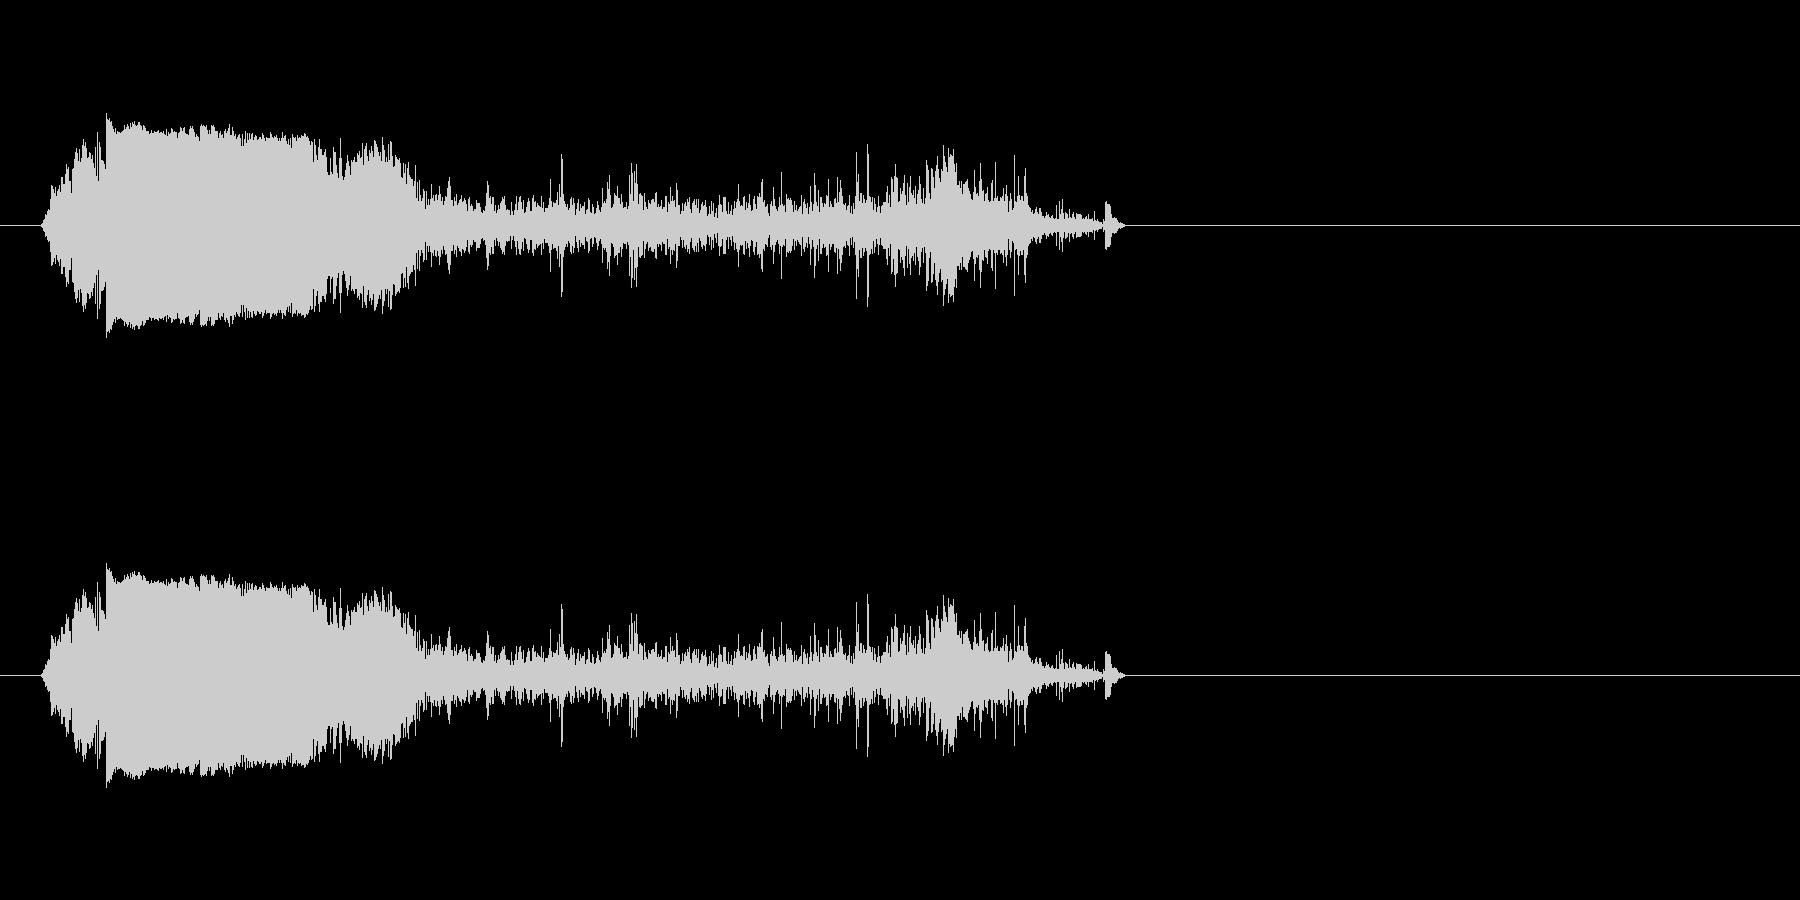 ガチャガチャ(鎖を使って攻撃する音)の未再生の波形